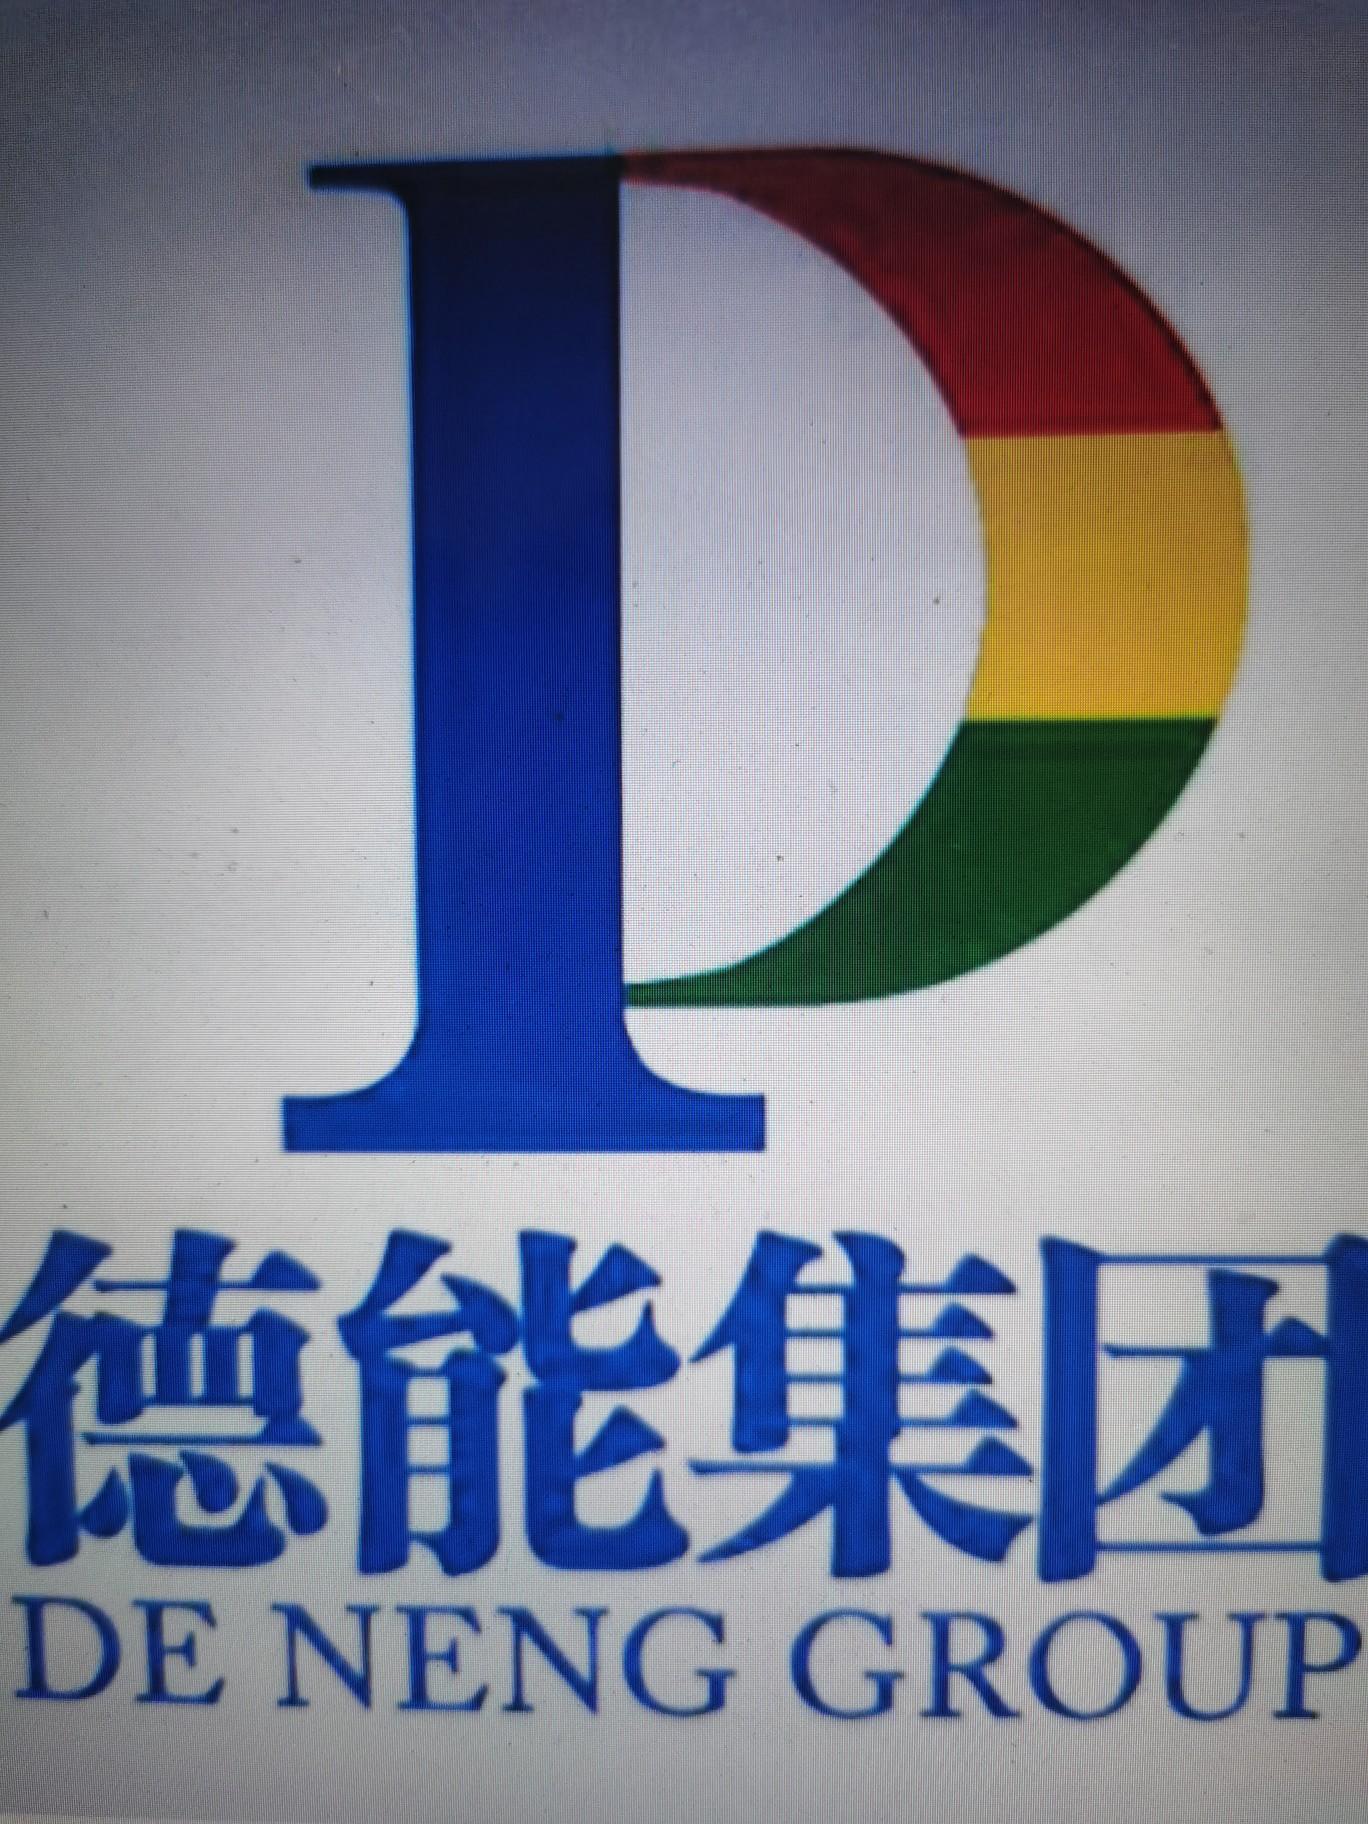 北京德能电力勘查设计有限公司